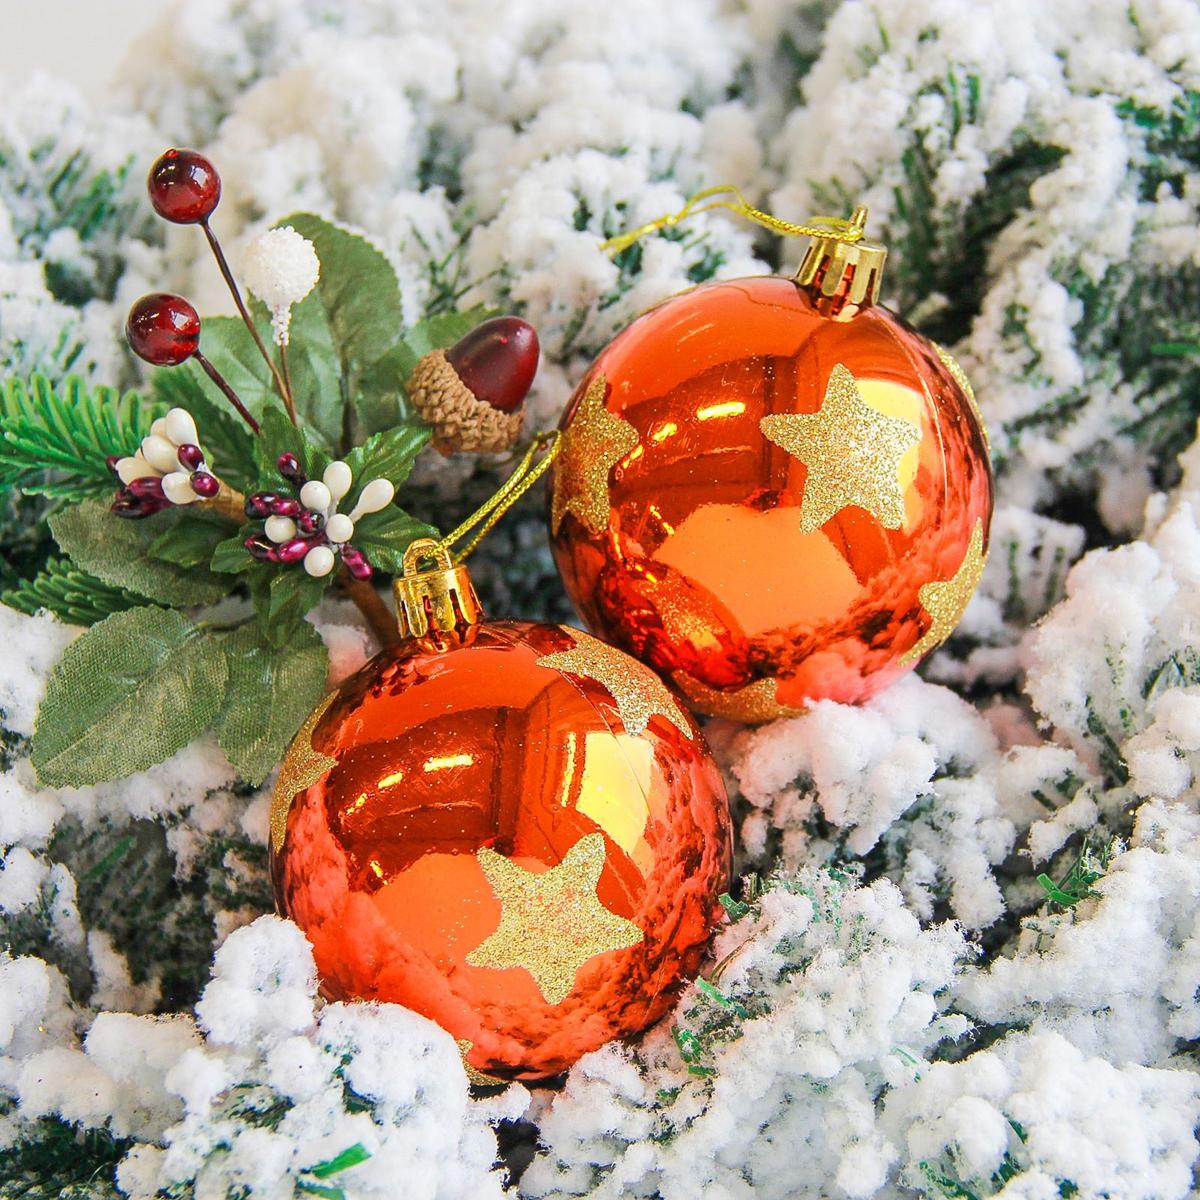 Набор новогодних подвесных украшений Sima-land Яркая звезда, диаметр 7 см, 6 шт2178204Невозможно представить нашу жизнь без праздников! Мы всегда ждём их и предвкушаем, обдумываем, как проведём памятный день, тщательно выбираем подарки и аксессуары, ведь именно они создают и поддерживают торжественный настрой.